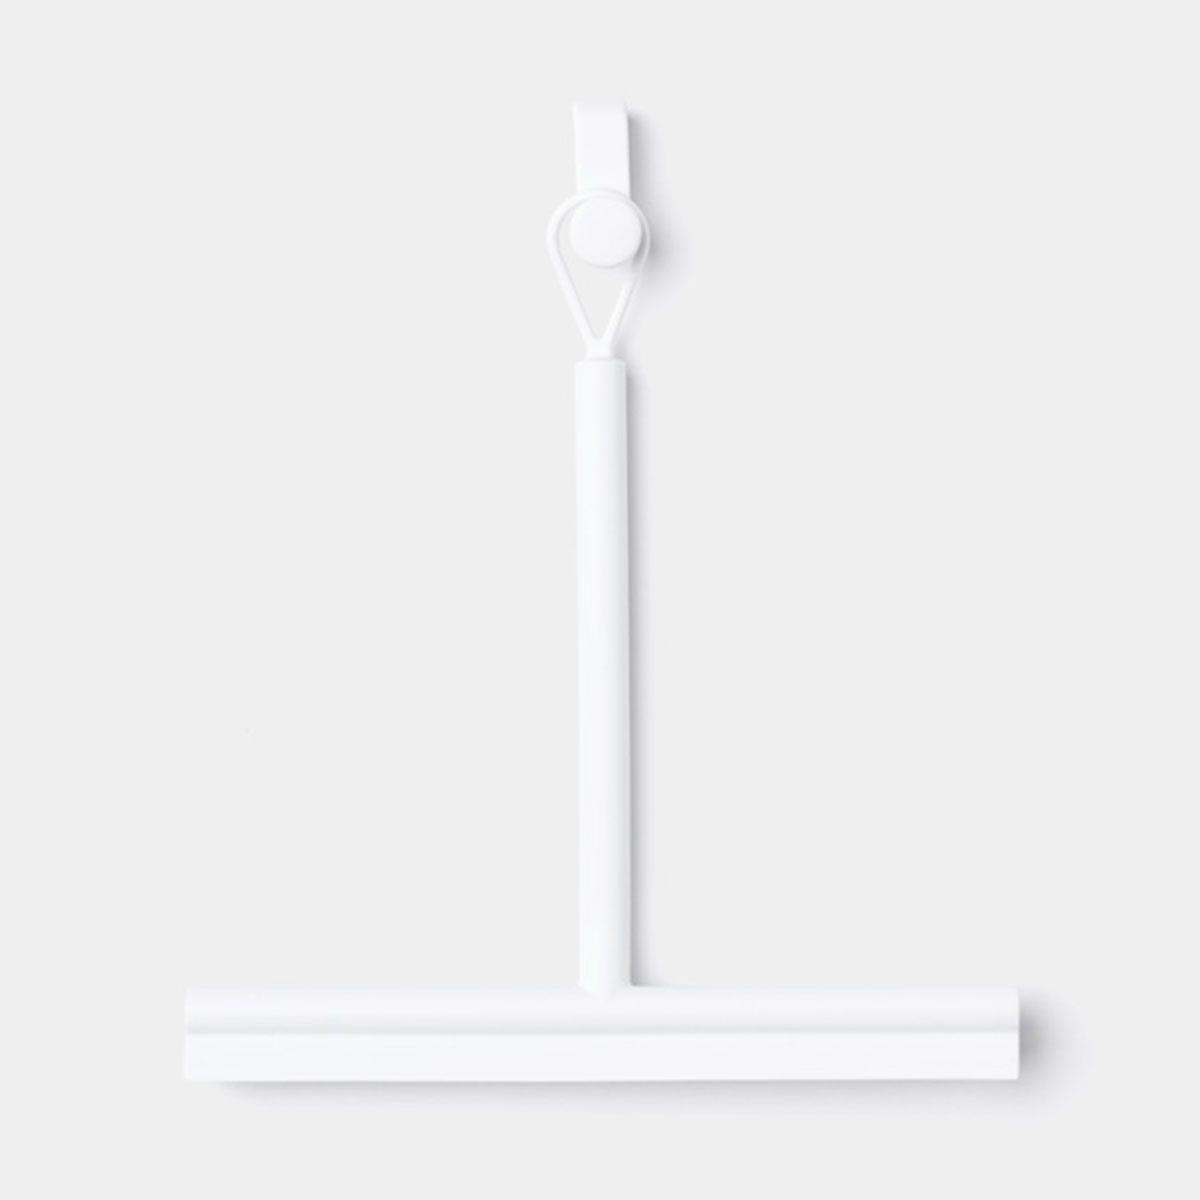 Brabantia Shower Squeegee - White